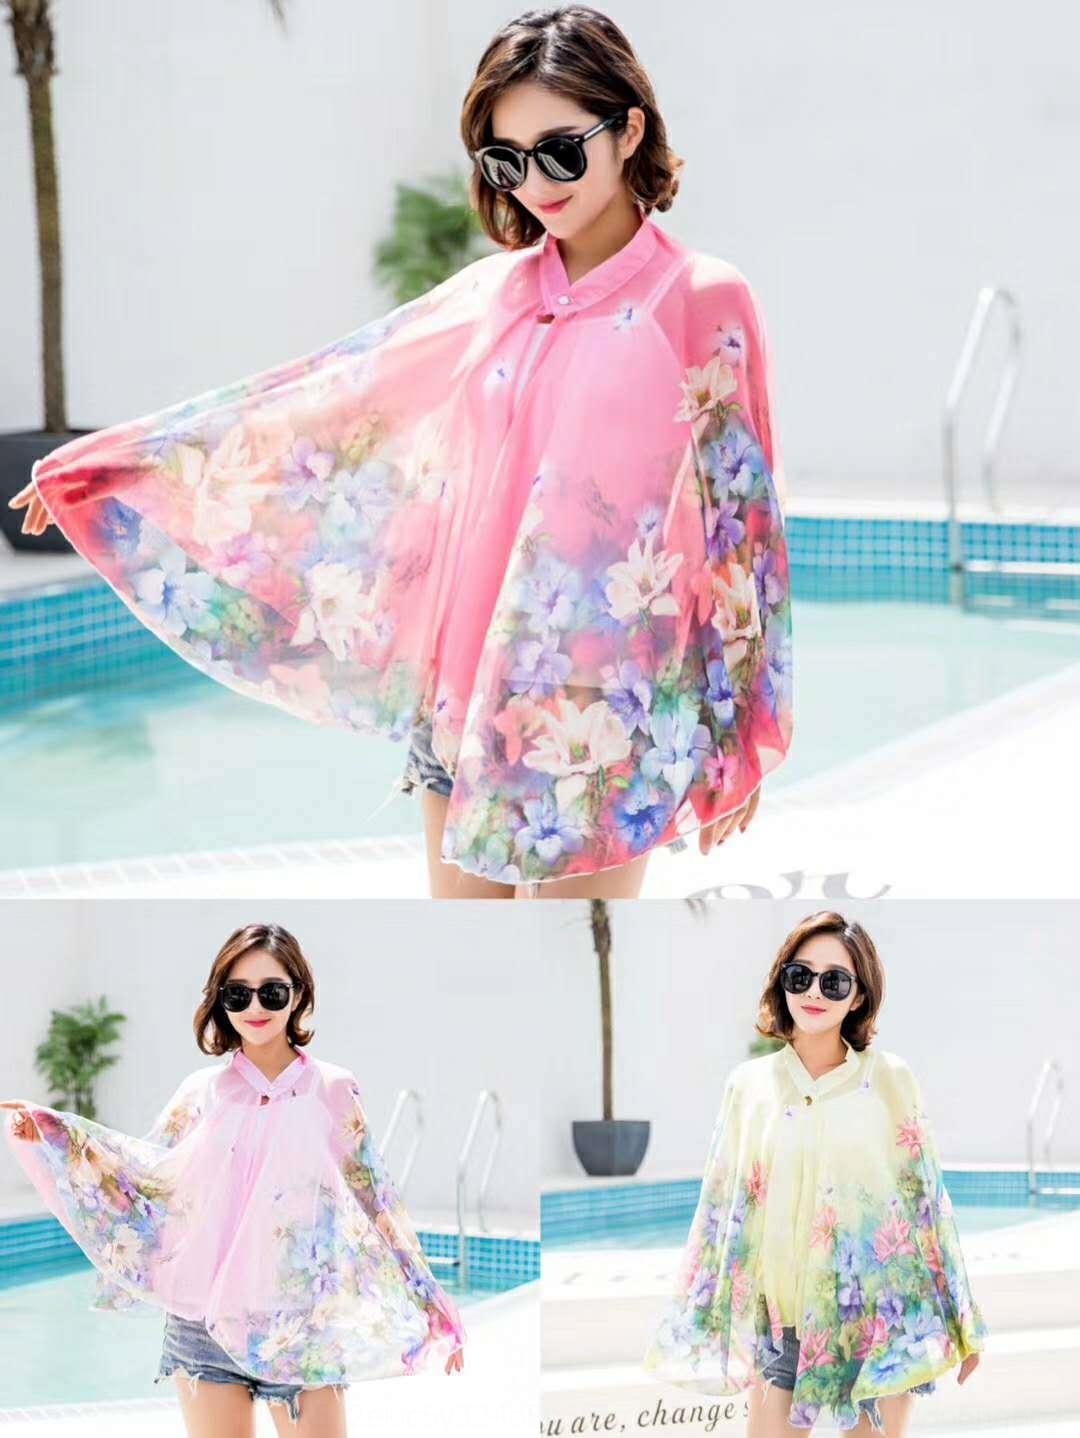 IiBEv estate ricamato lo scialle nuovo fiore abbigliamento crema solare protezione solare ricamo chiffon scialle manicotto di guida in sella seta multifunzionale